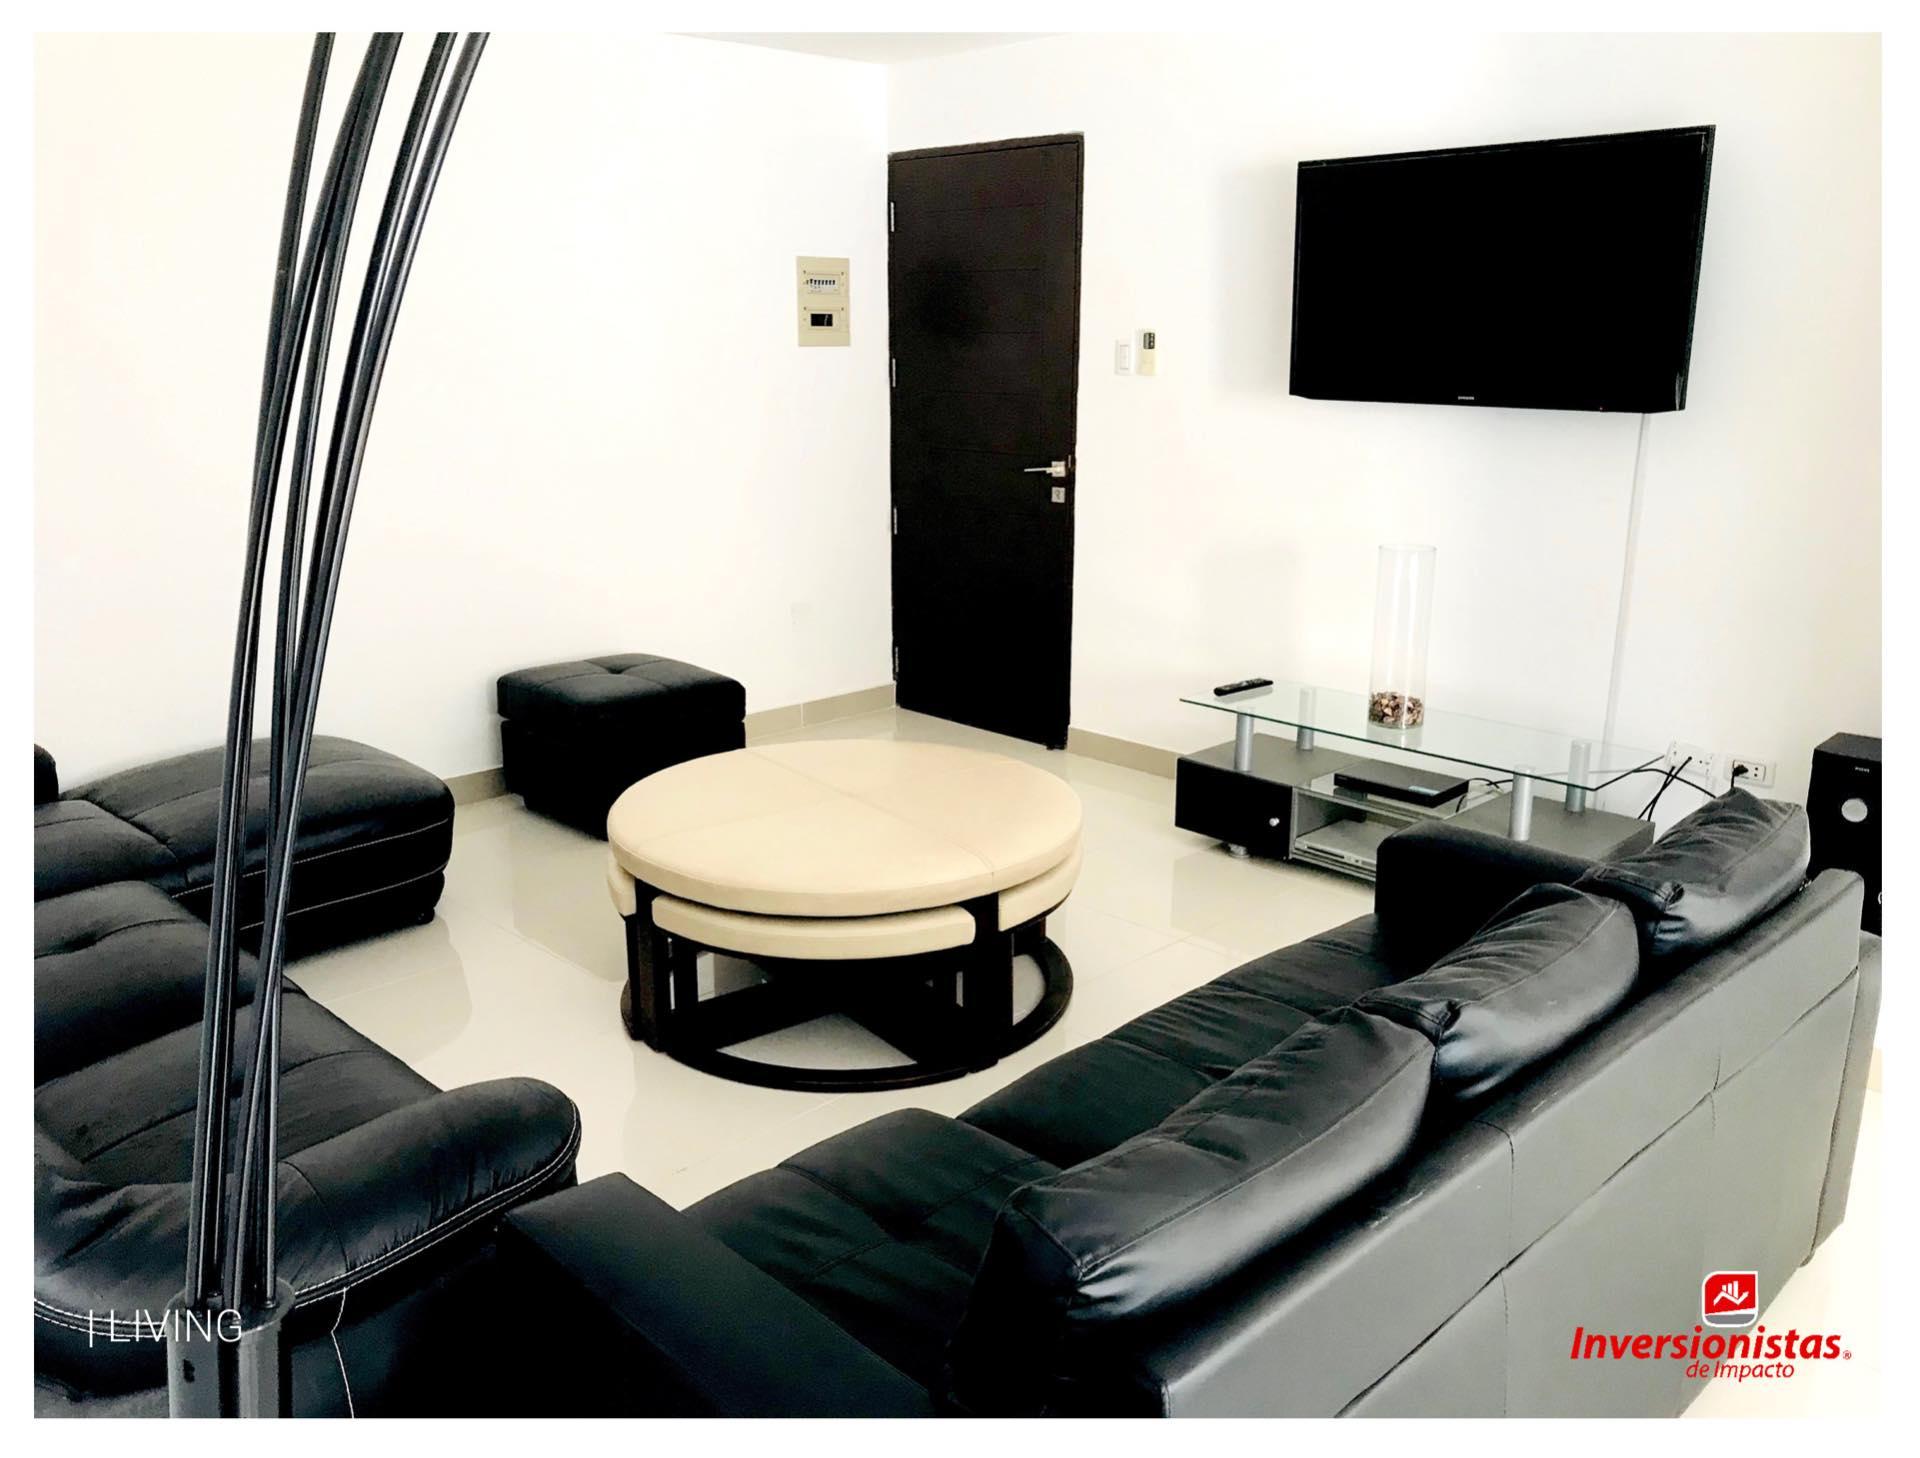 Departamento en Alquiler Condominio TORRE DELTA, EQUIPETROL, ubicación estratégica. Foto 3